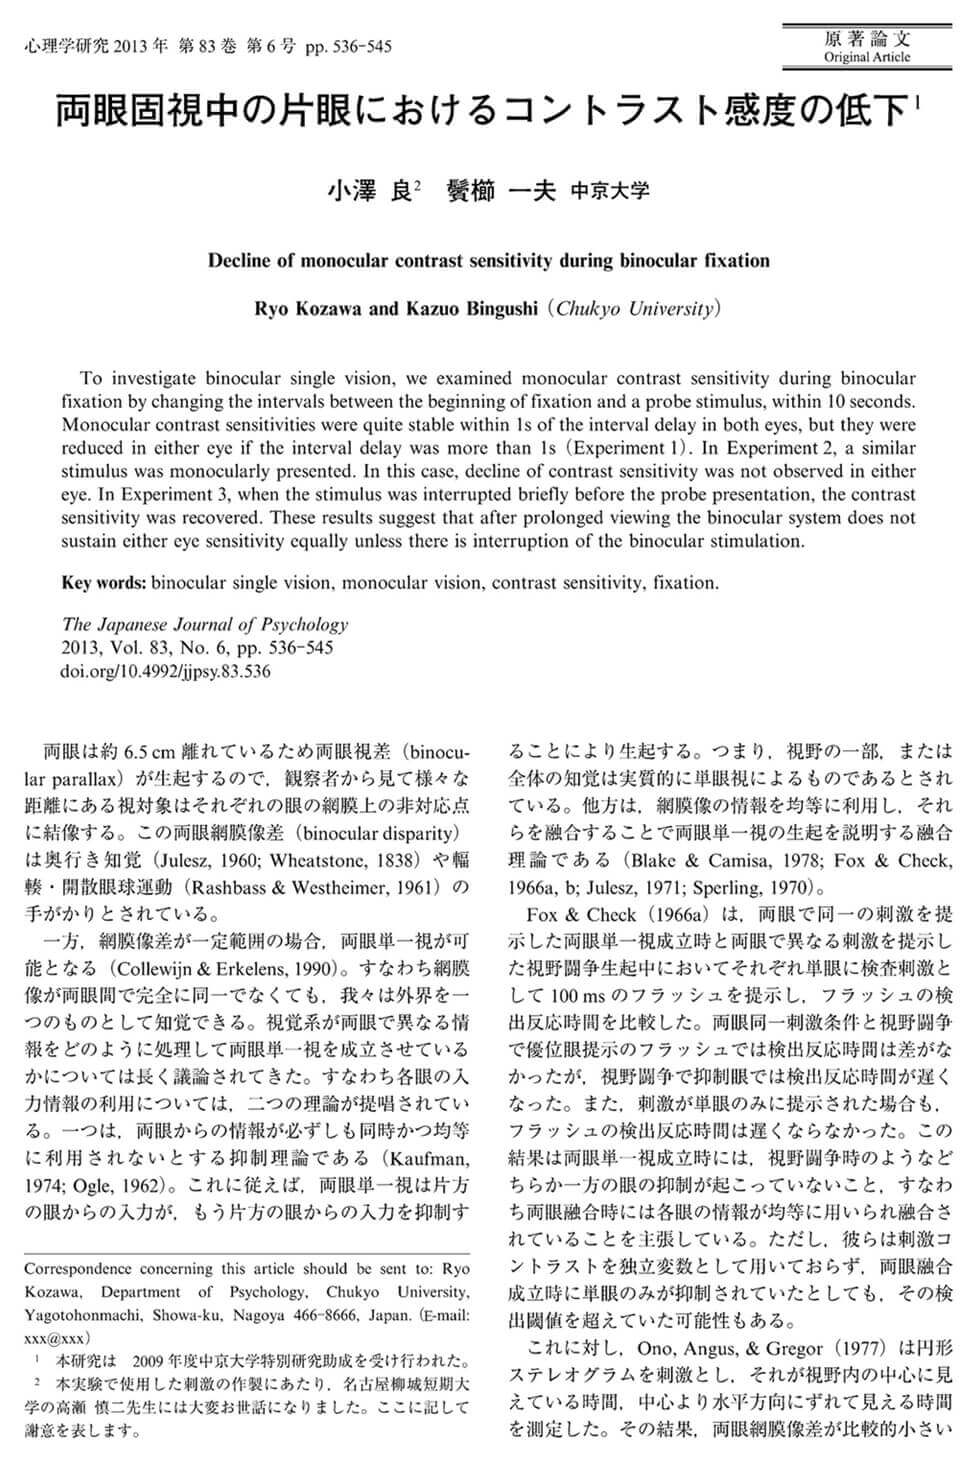 見本2.7 「心理学研究」掲載見本